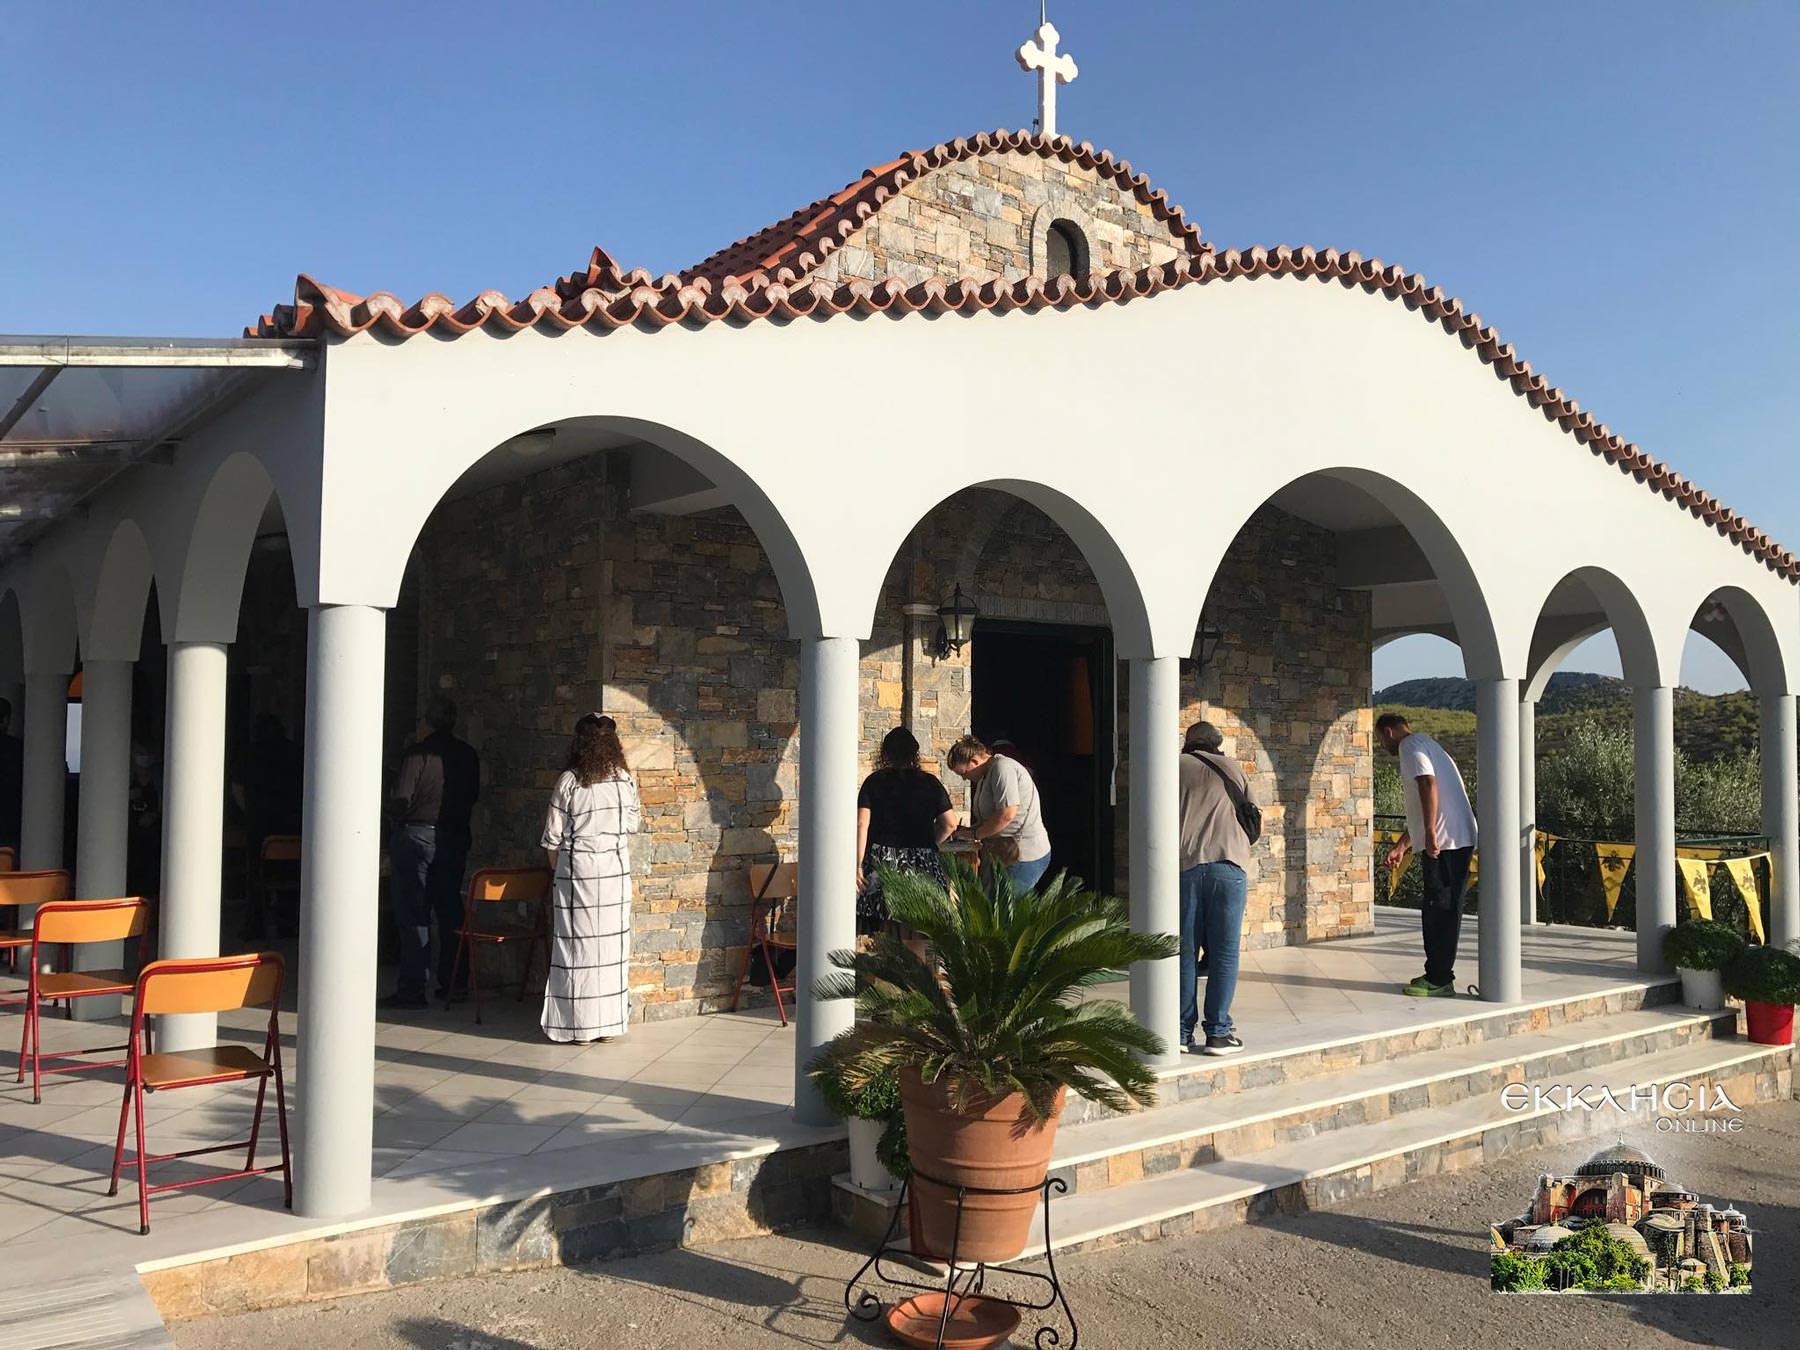 Ραφαήλ Νικολάου Ειρήνης Μοναστήρι Άνω Σούλι